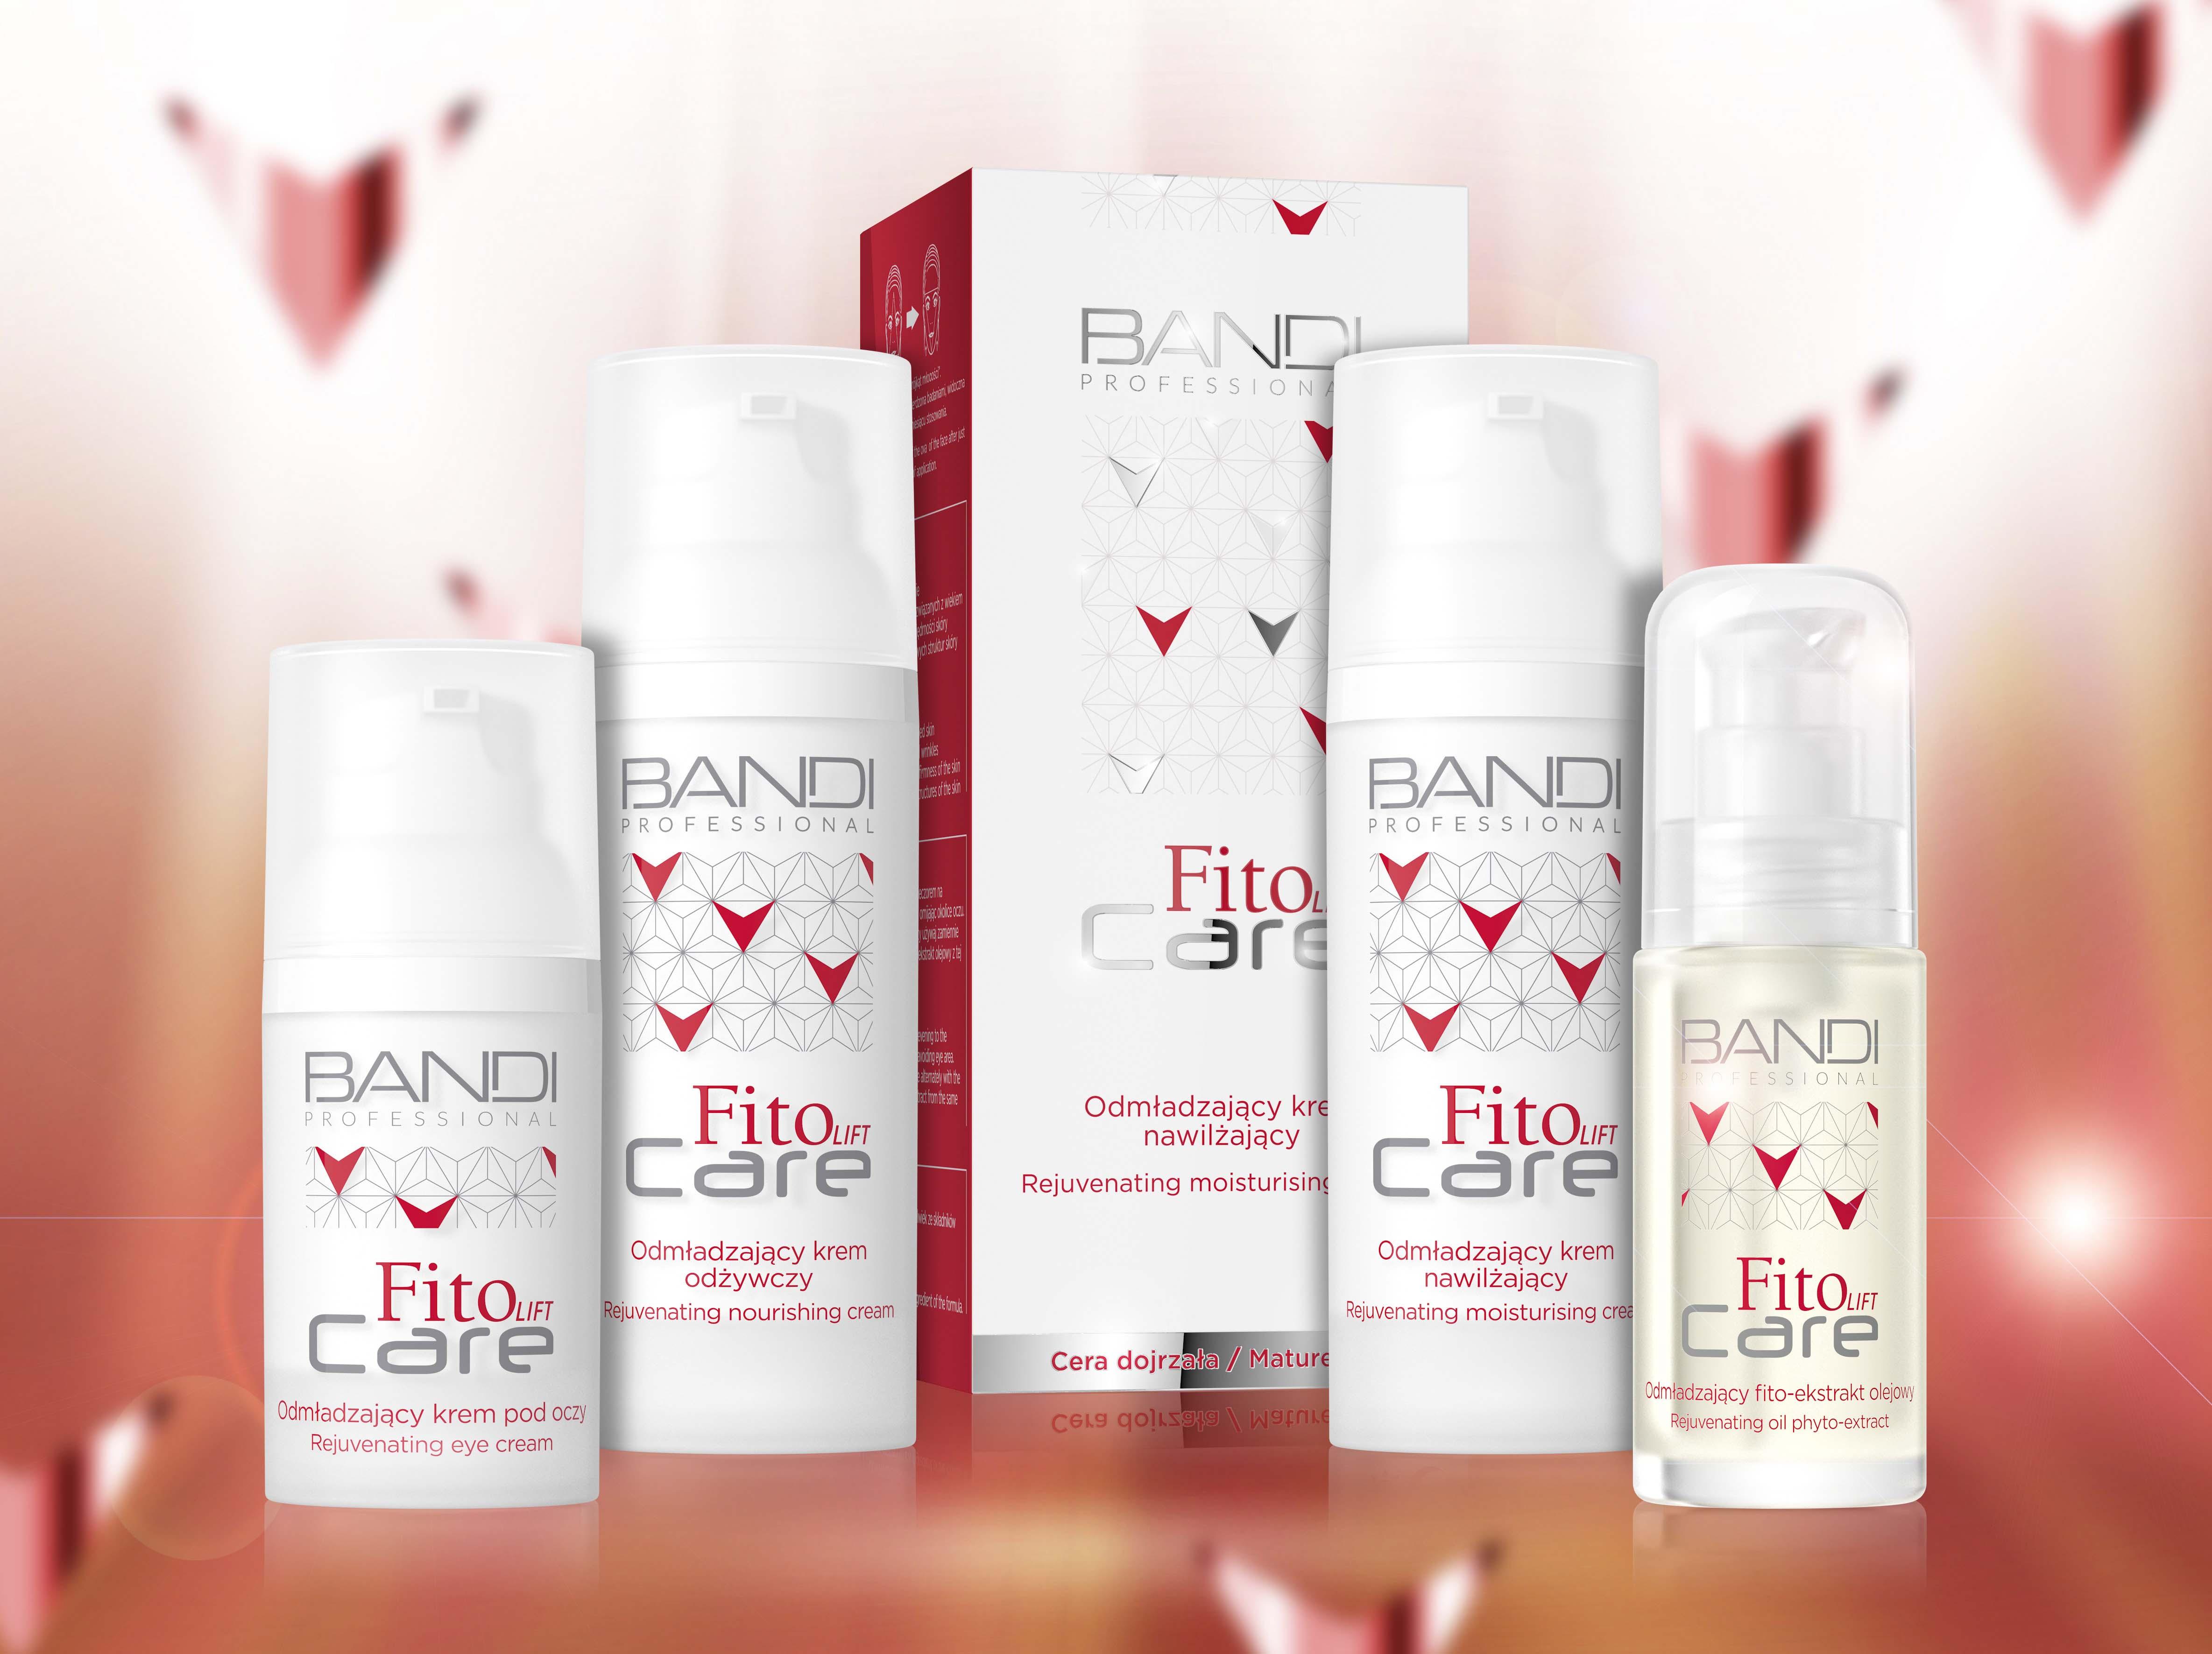 Bandi Fito Lift Care na odmłodzenie skóry